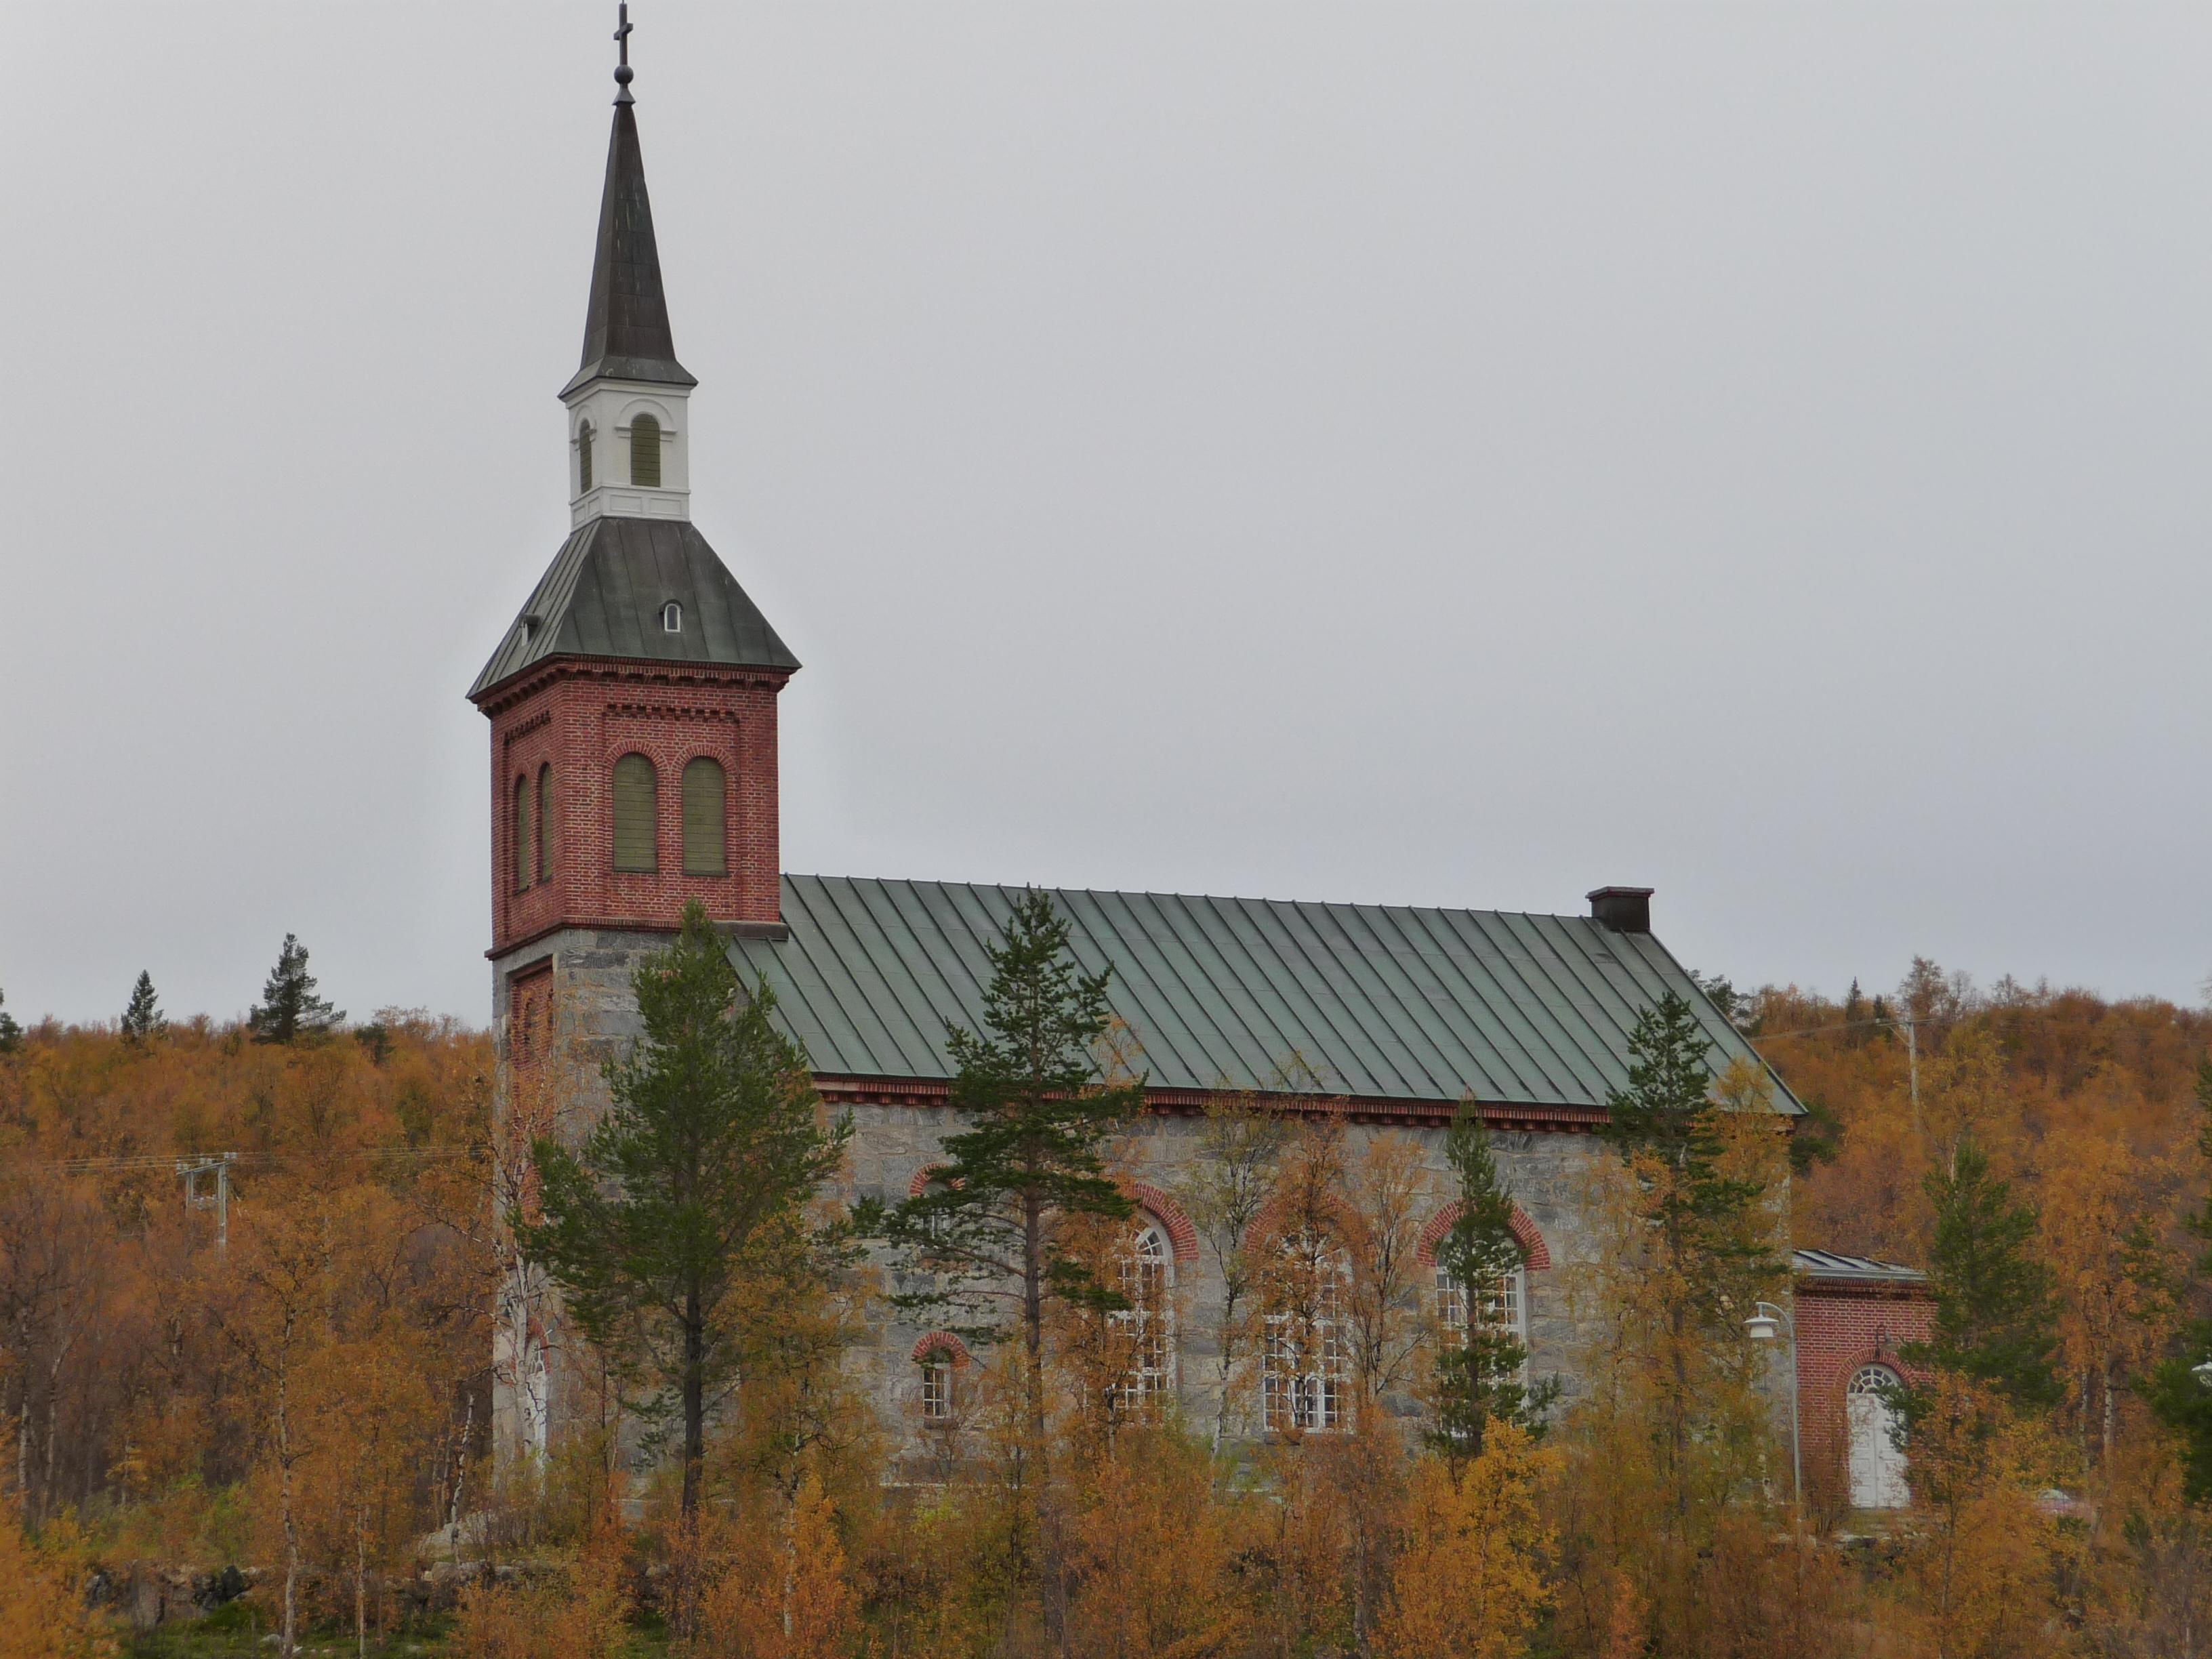 Kuva: Antti Kettunen